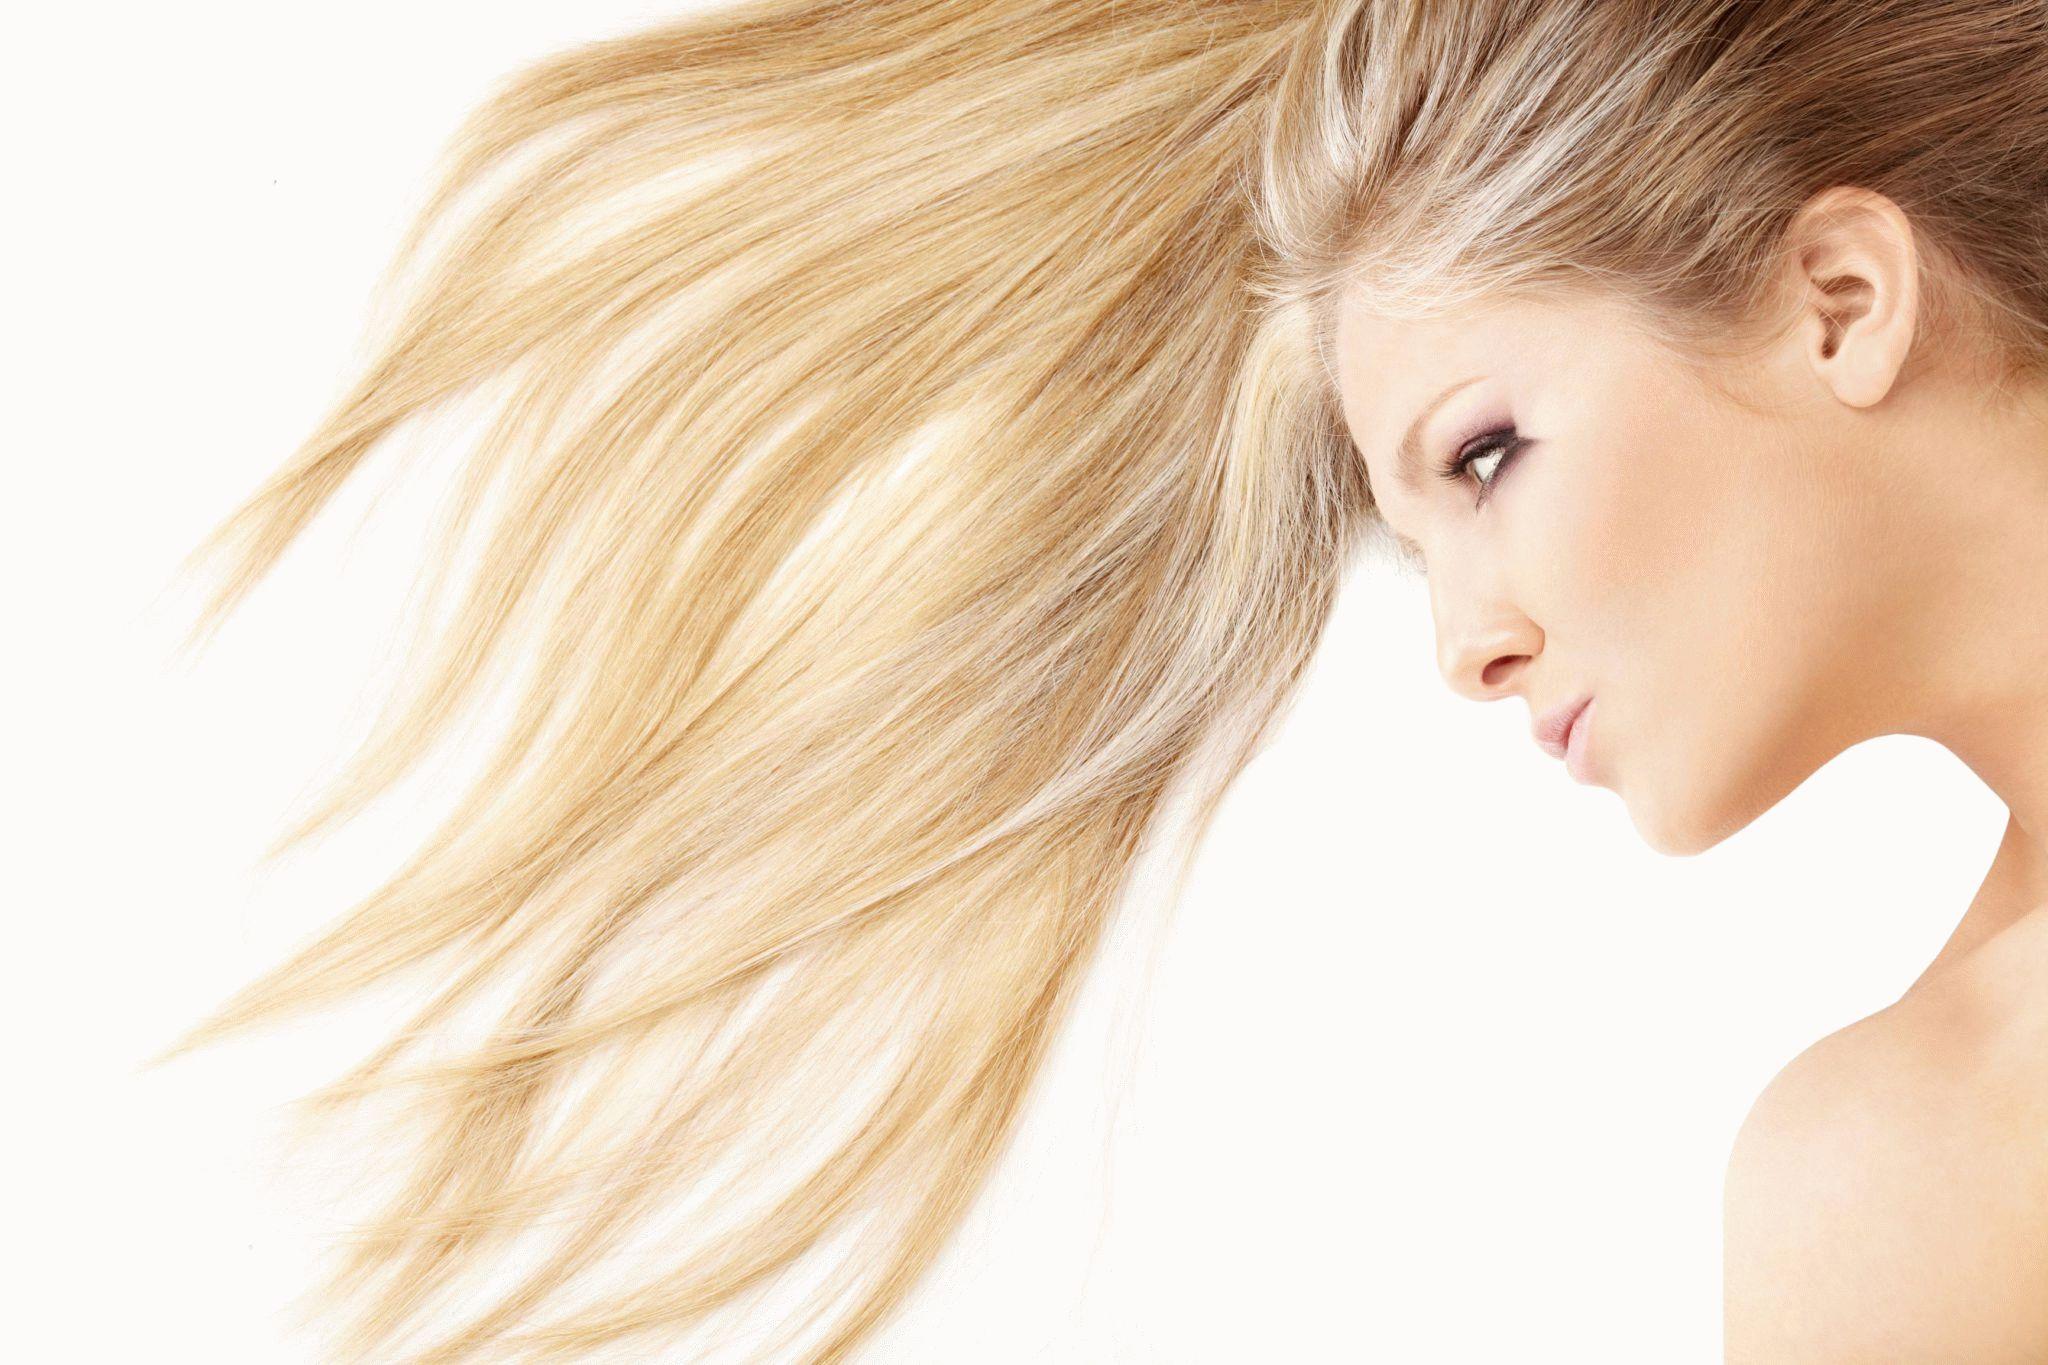 Увидеть себя во сне с длинными волосами другого цвета